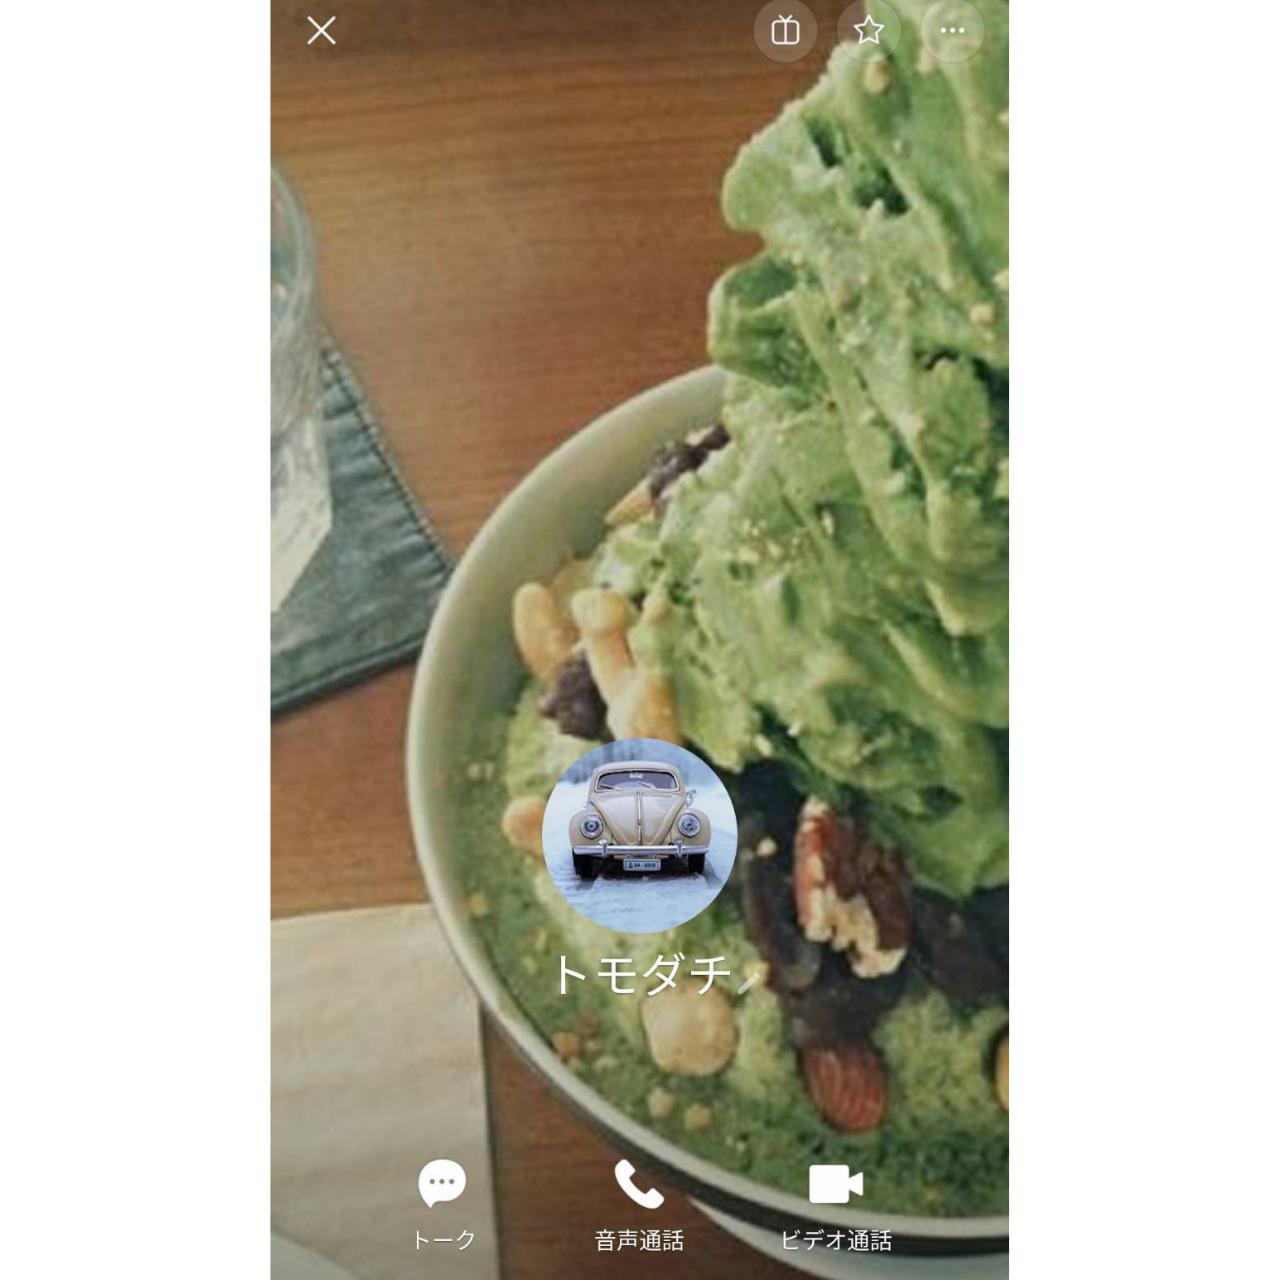 LINE友達のプロフィール画面